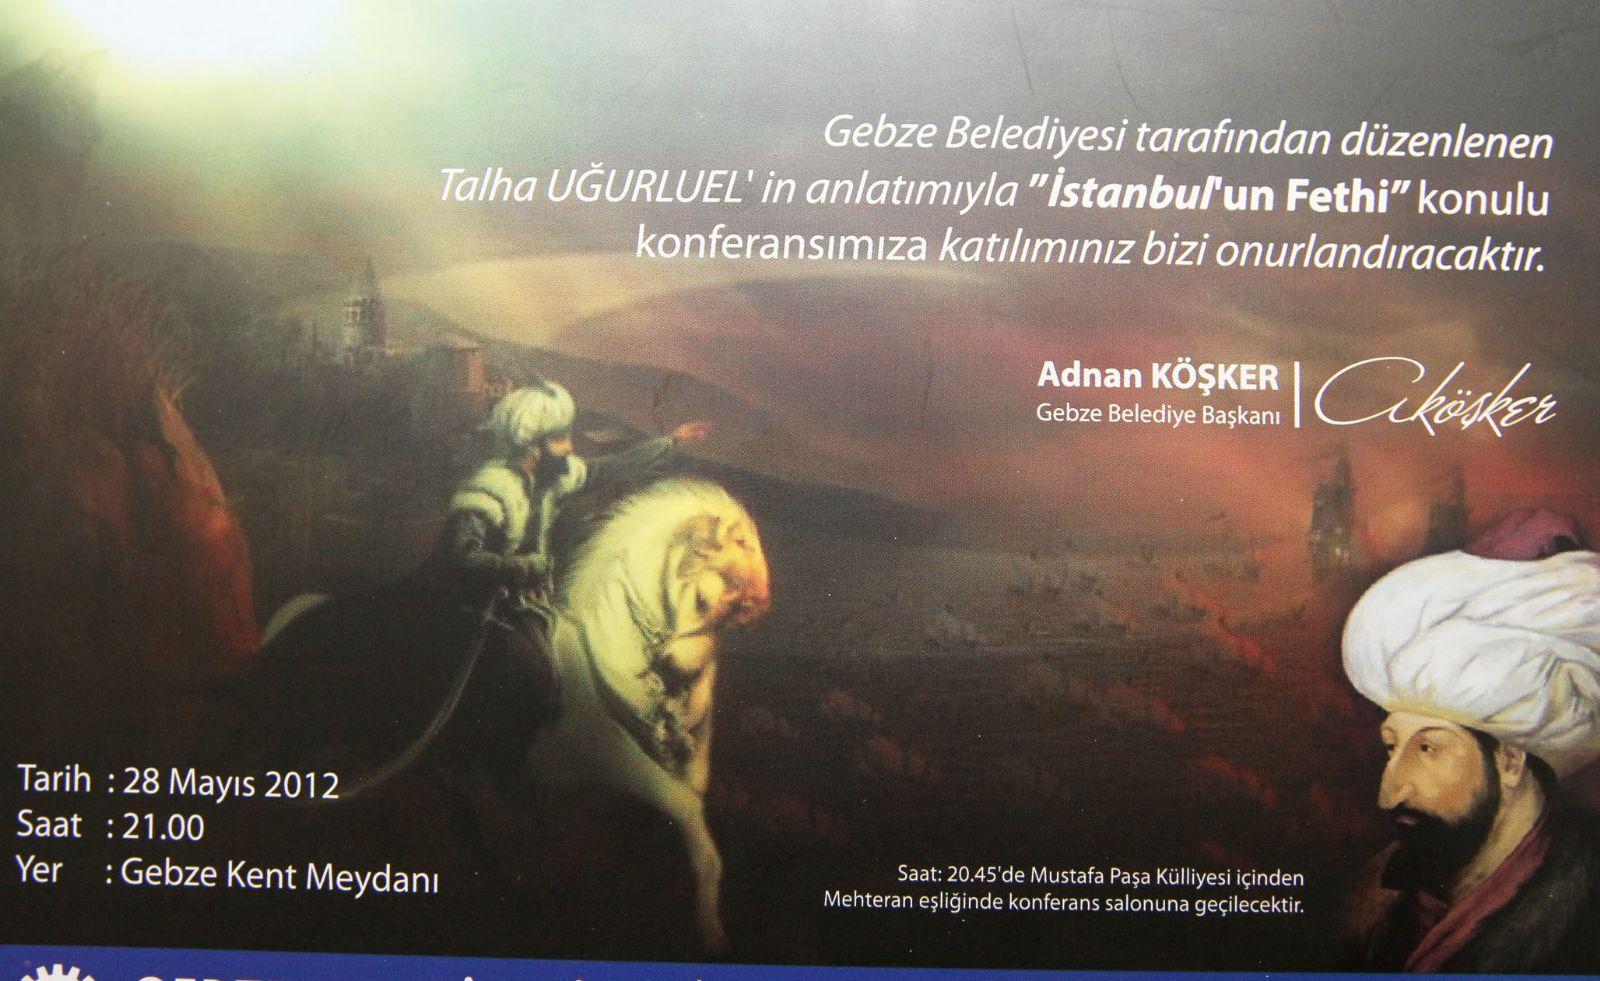 İstanbul'un fethi Gebze'de anlatılacak!